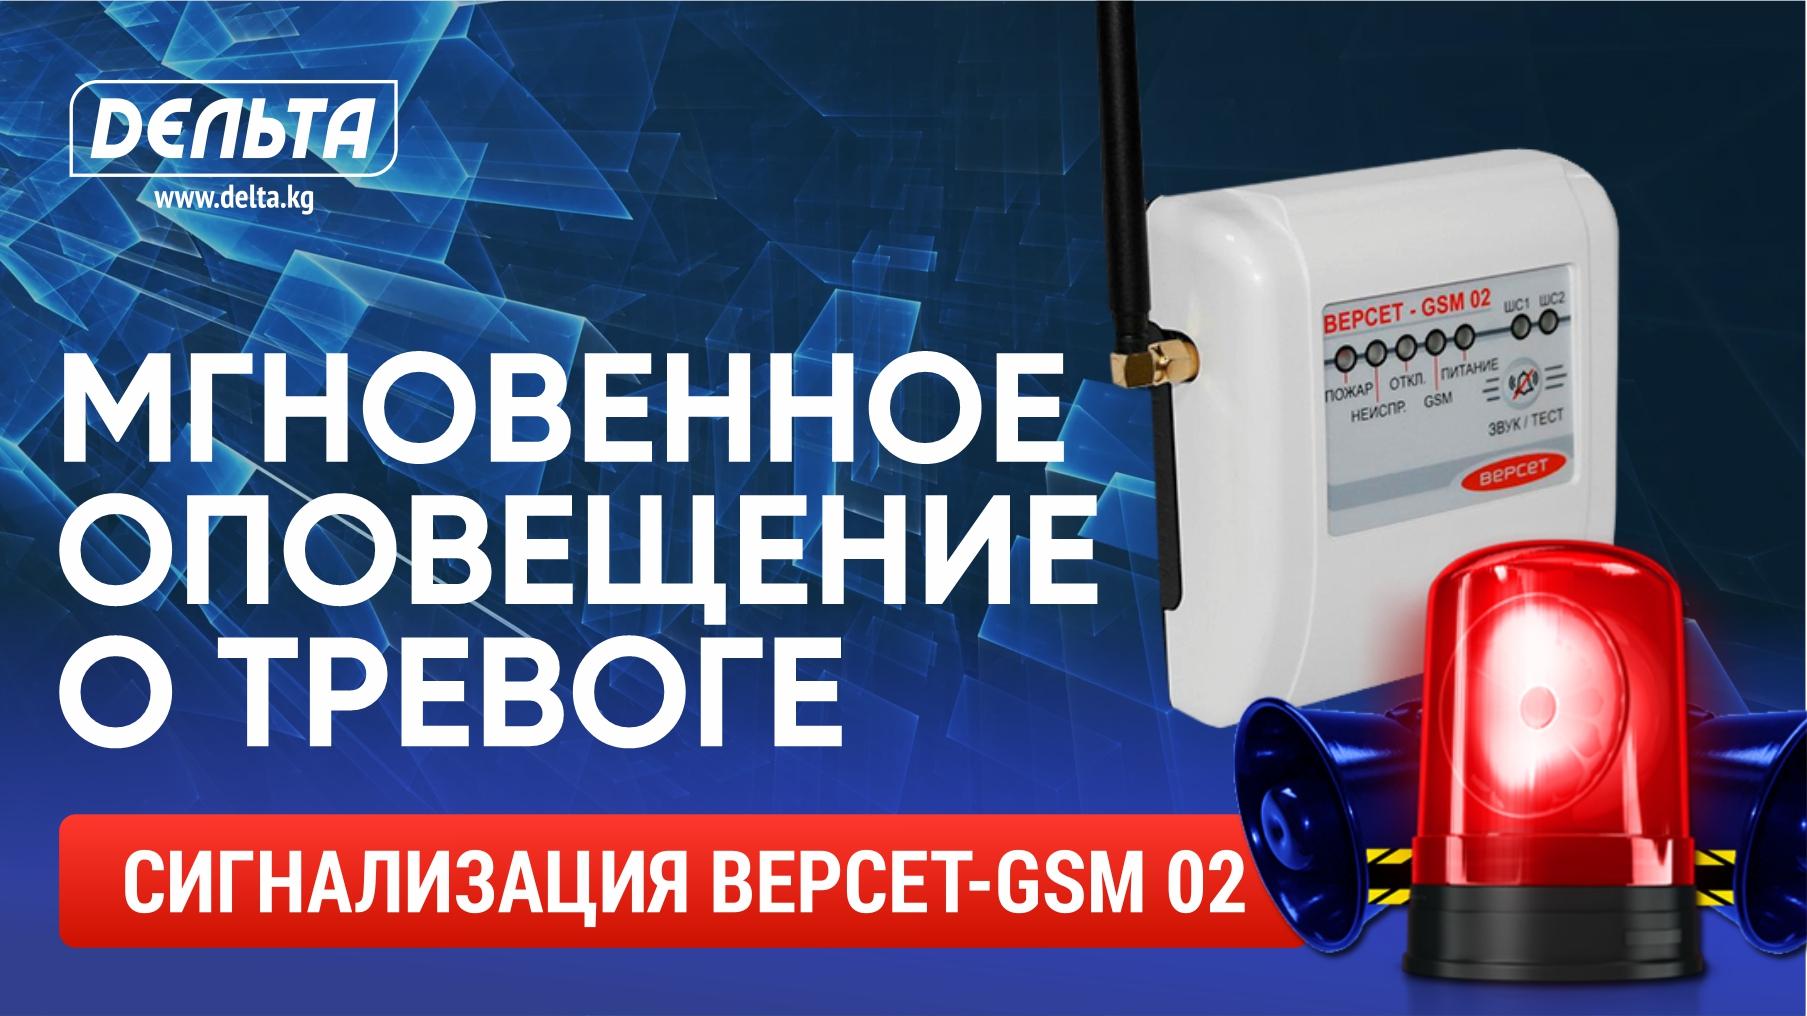 Мгновенное оповещение о тревоге «ВЕРСЕТ – GSM 02». Bishkek. Delta